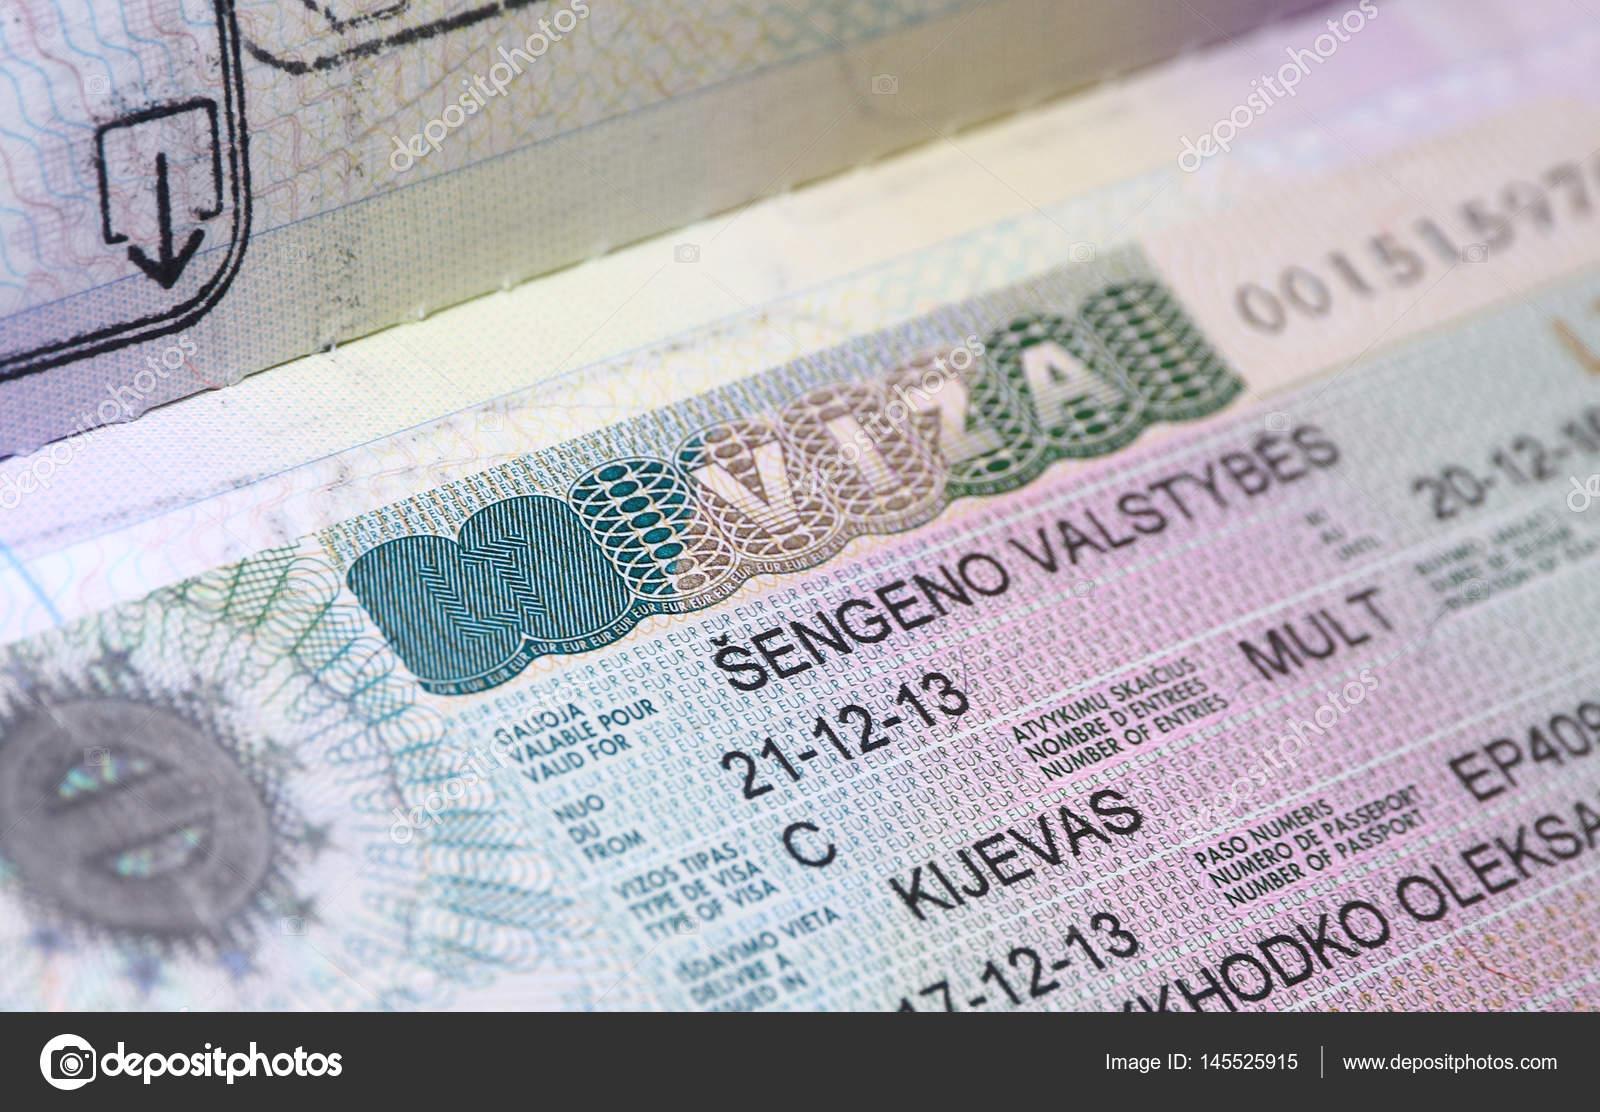 Schon AuBergewohnlich Close Up Seite Des Passes Mit Litauischen Schengen Visum  U2014 Foto Von Katatonia82